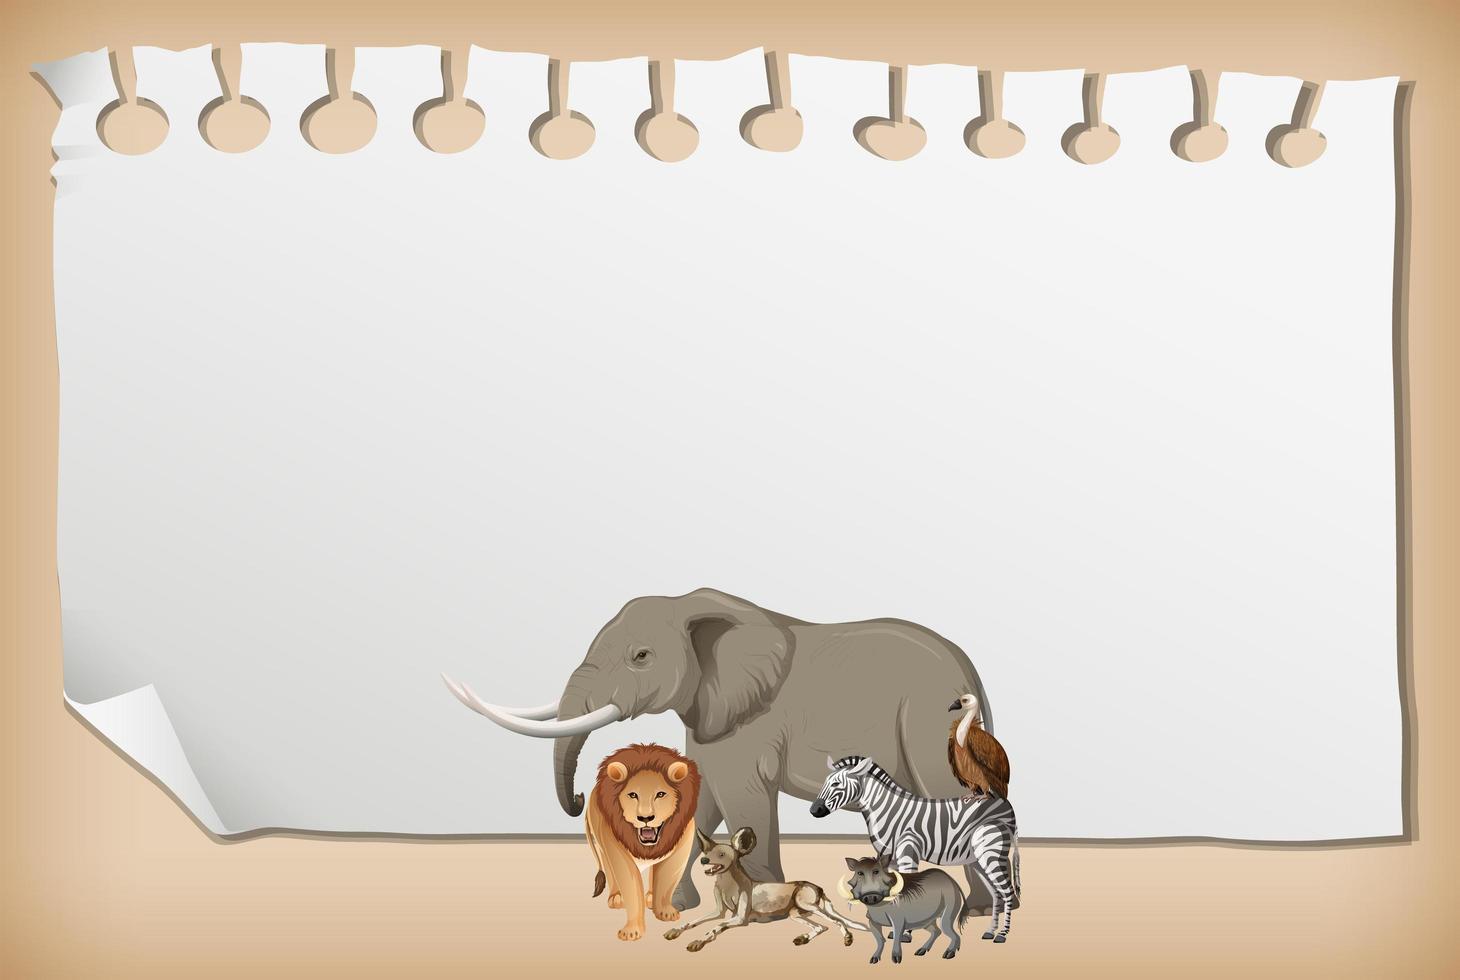 banner de papel vazio com animal africano selvagem vetor